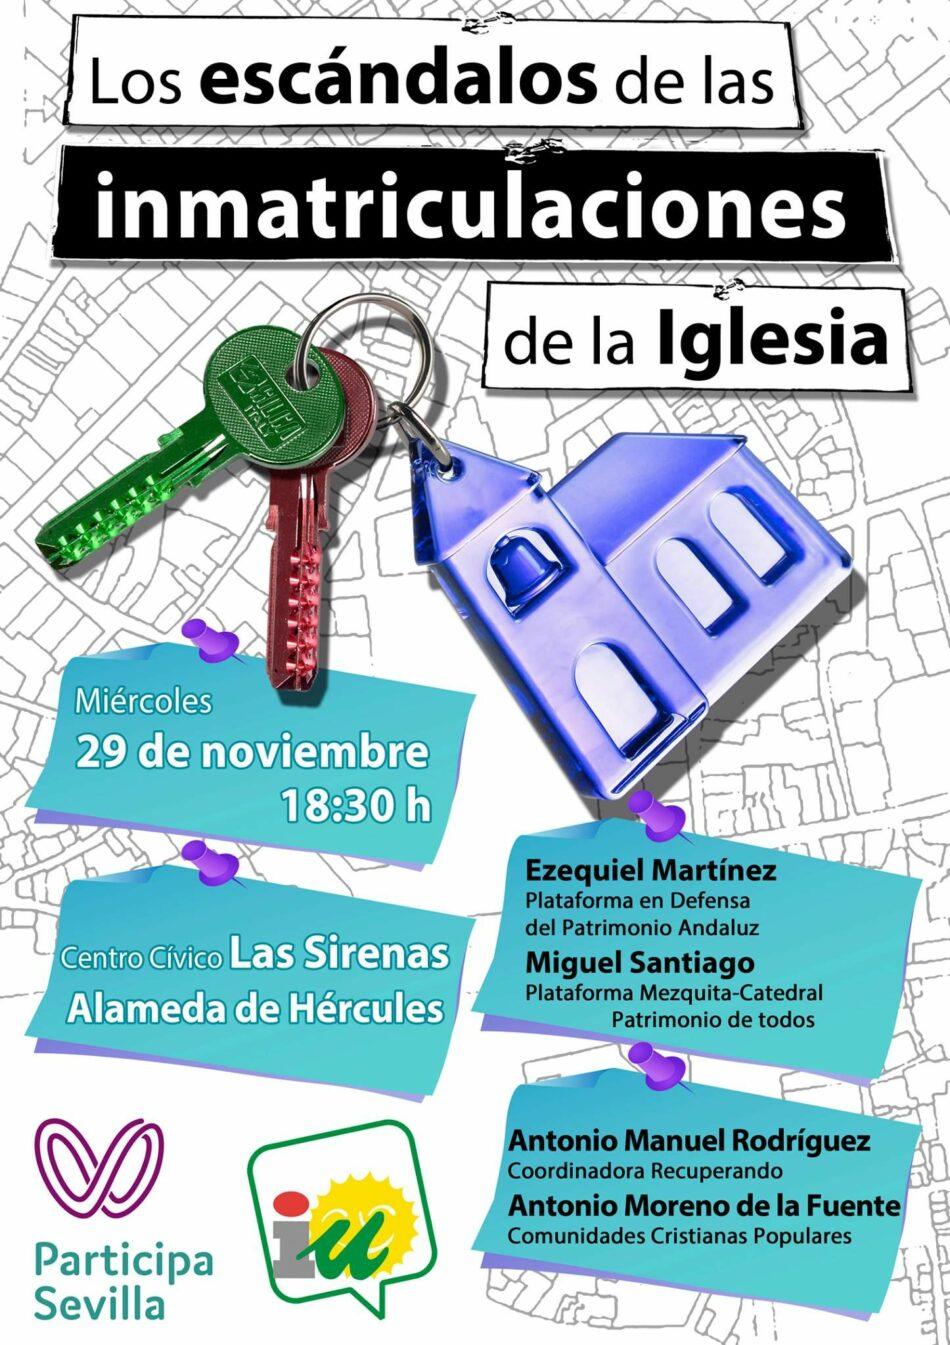 Jornadas sobre el escándalo de las inmatriculaciones de la Iglesia en Sevilla